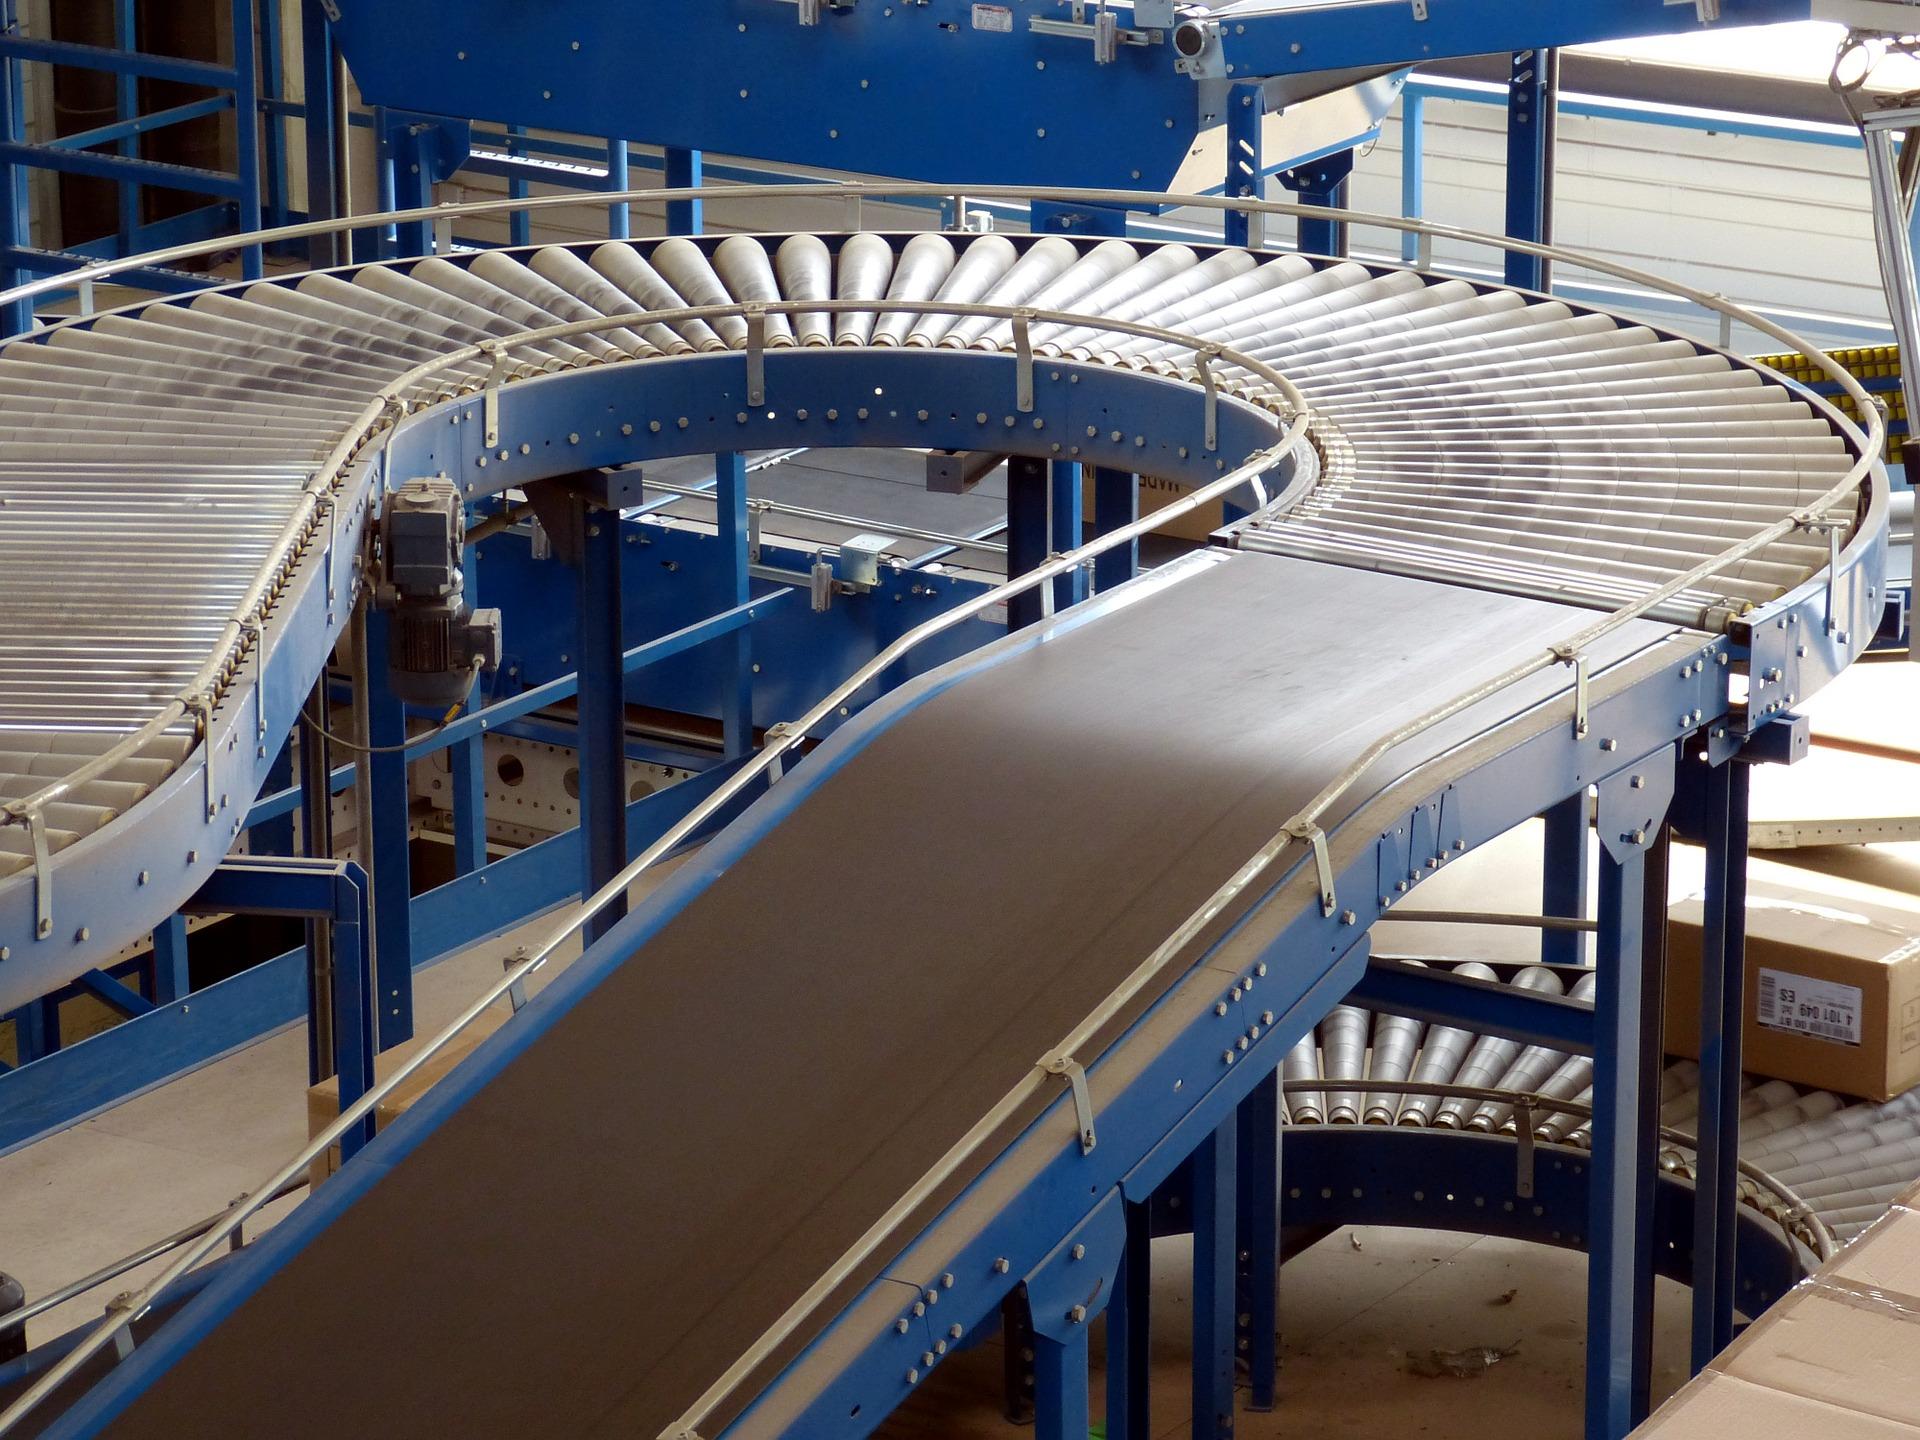 BI-ratkaisu yhdistää tuotannon, talouden ja myynnin saumattomasti   Pengon blogi